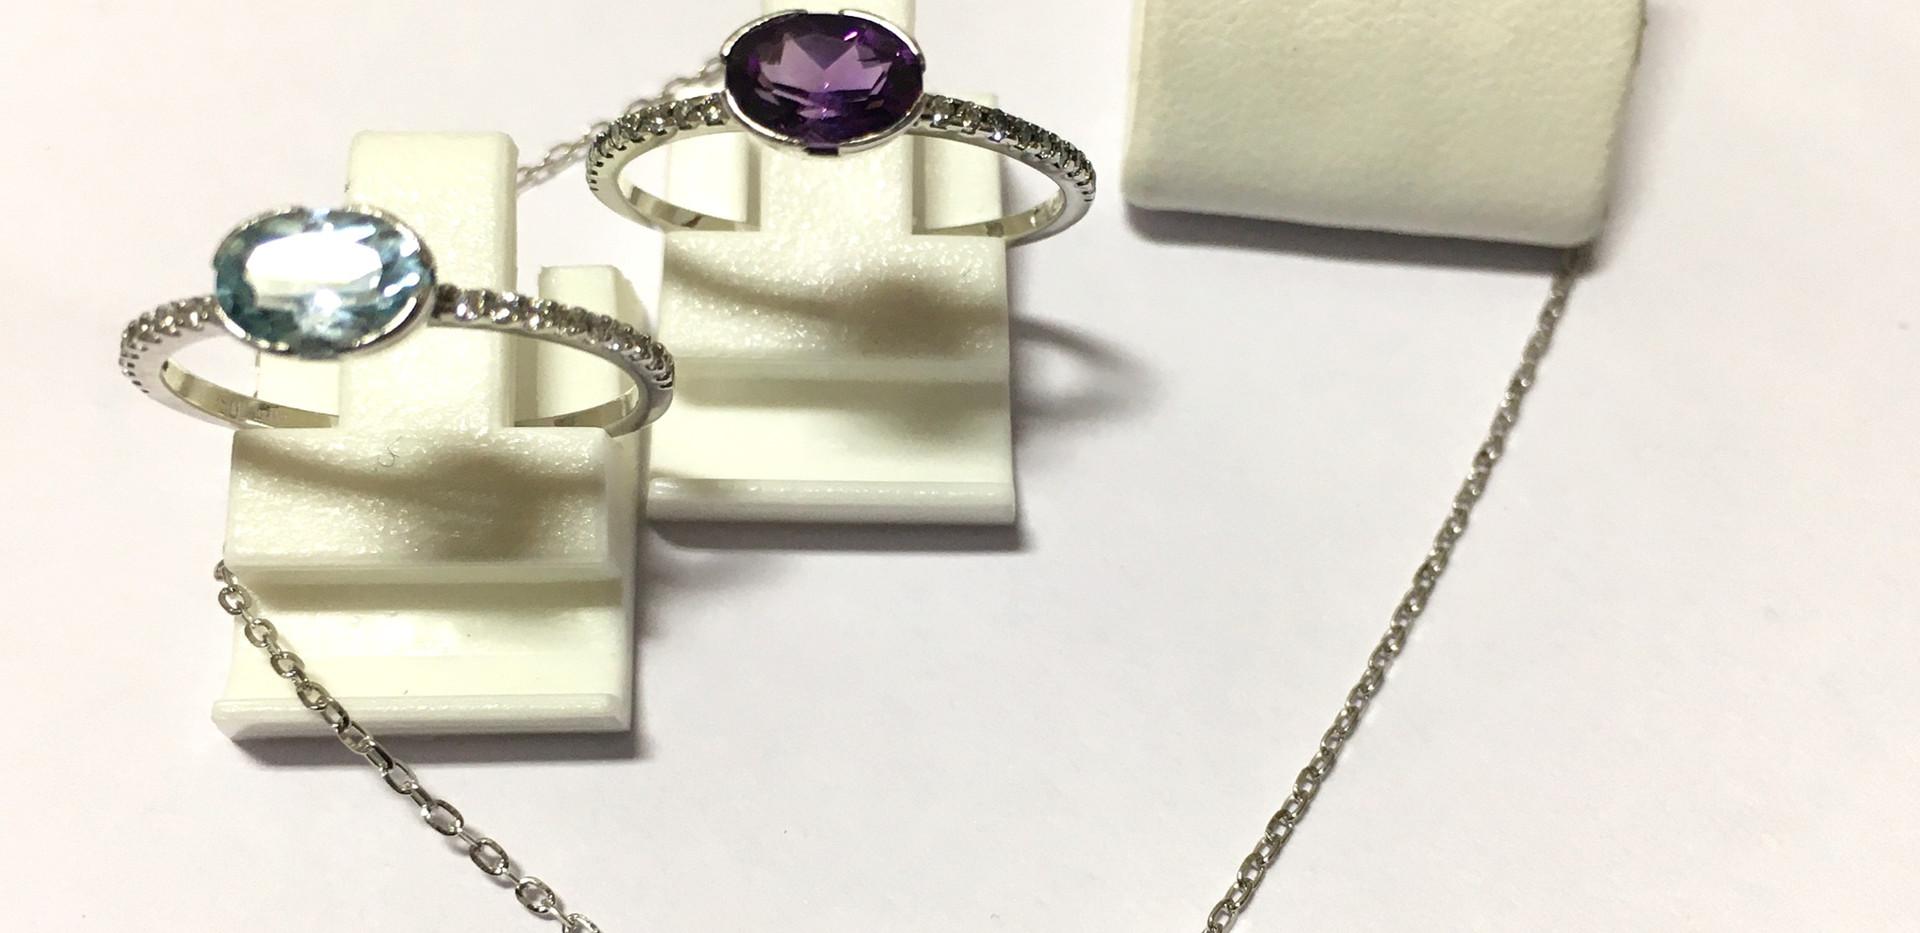 Sélection pierres fines, topaze, améthyste, accompagné de diamants, monture or blanc 750. Collier, bague et boucle oreille.